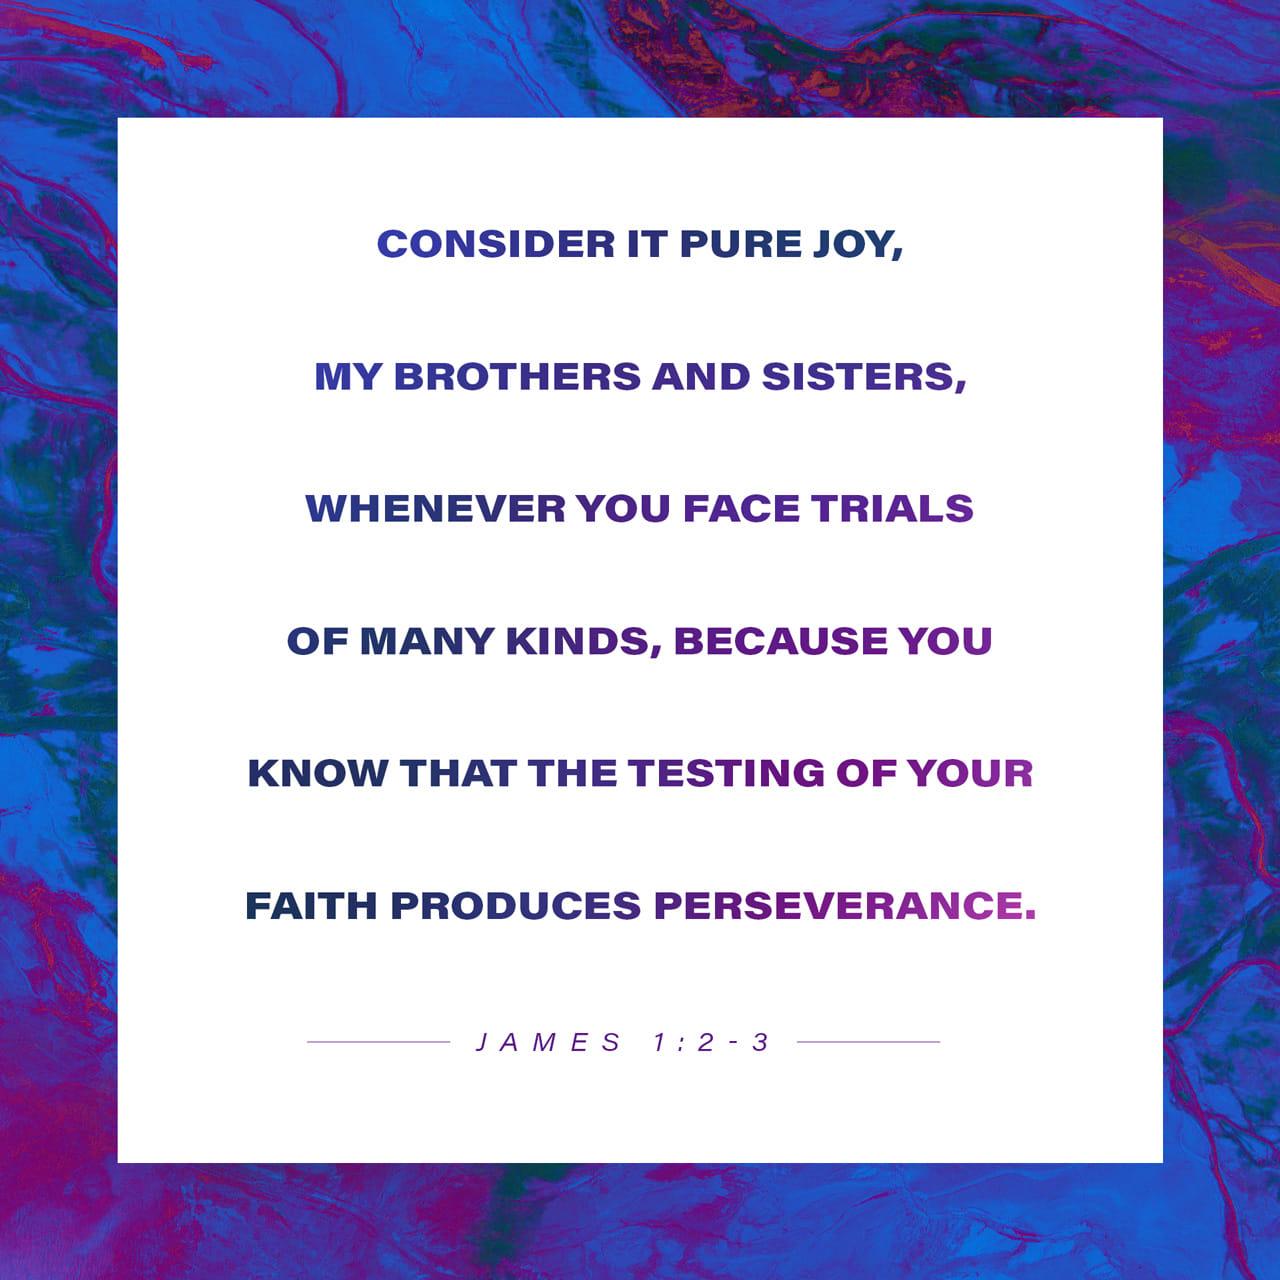 Santiago 1:2-3 Hermanos en Cristo, ustedes deben sentirse muy felices cuando pasen por toda clase de dificultades. Así, cuando su confianza en Dios sea puesta a prueba, ustedes aprenderán a soportar con más fuerza l | Traducción en Lenguaje Actual (TLA)